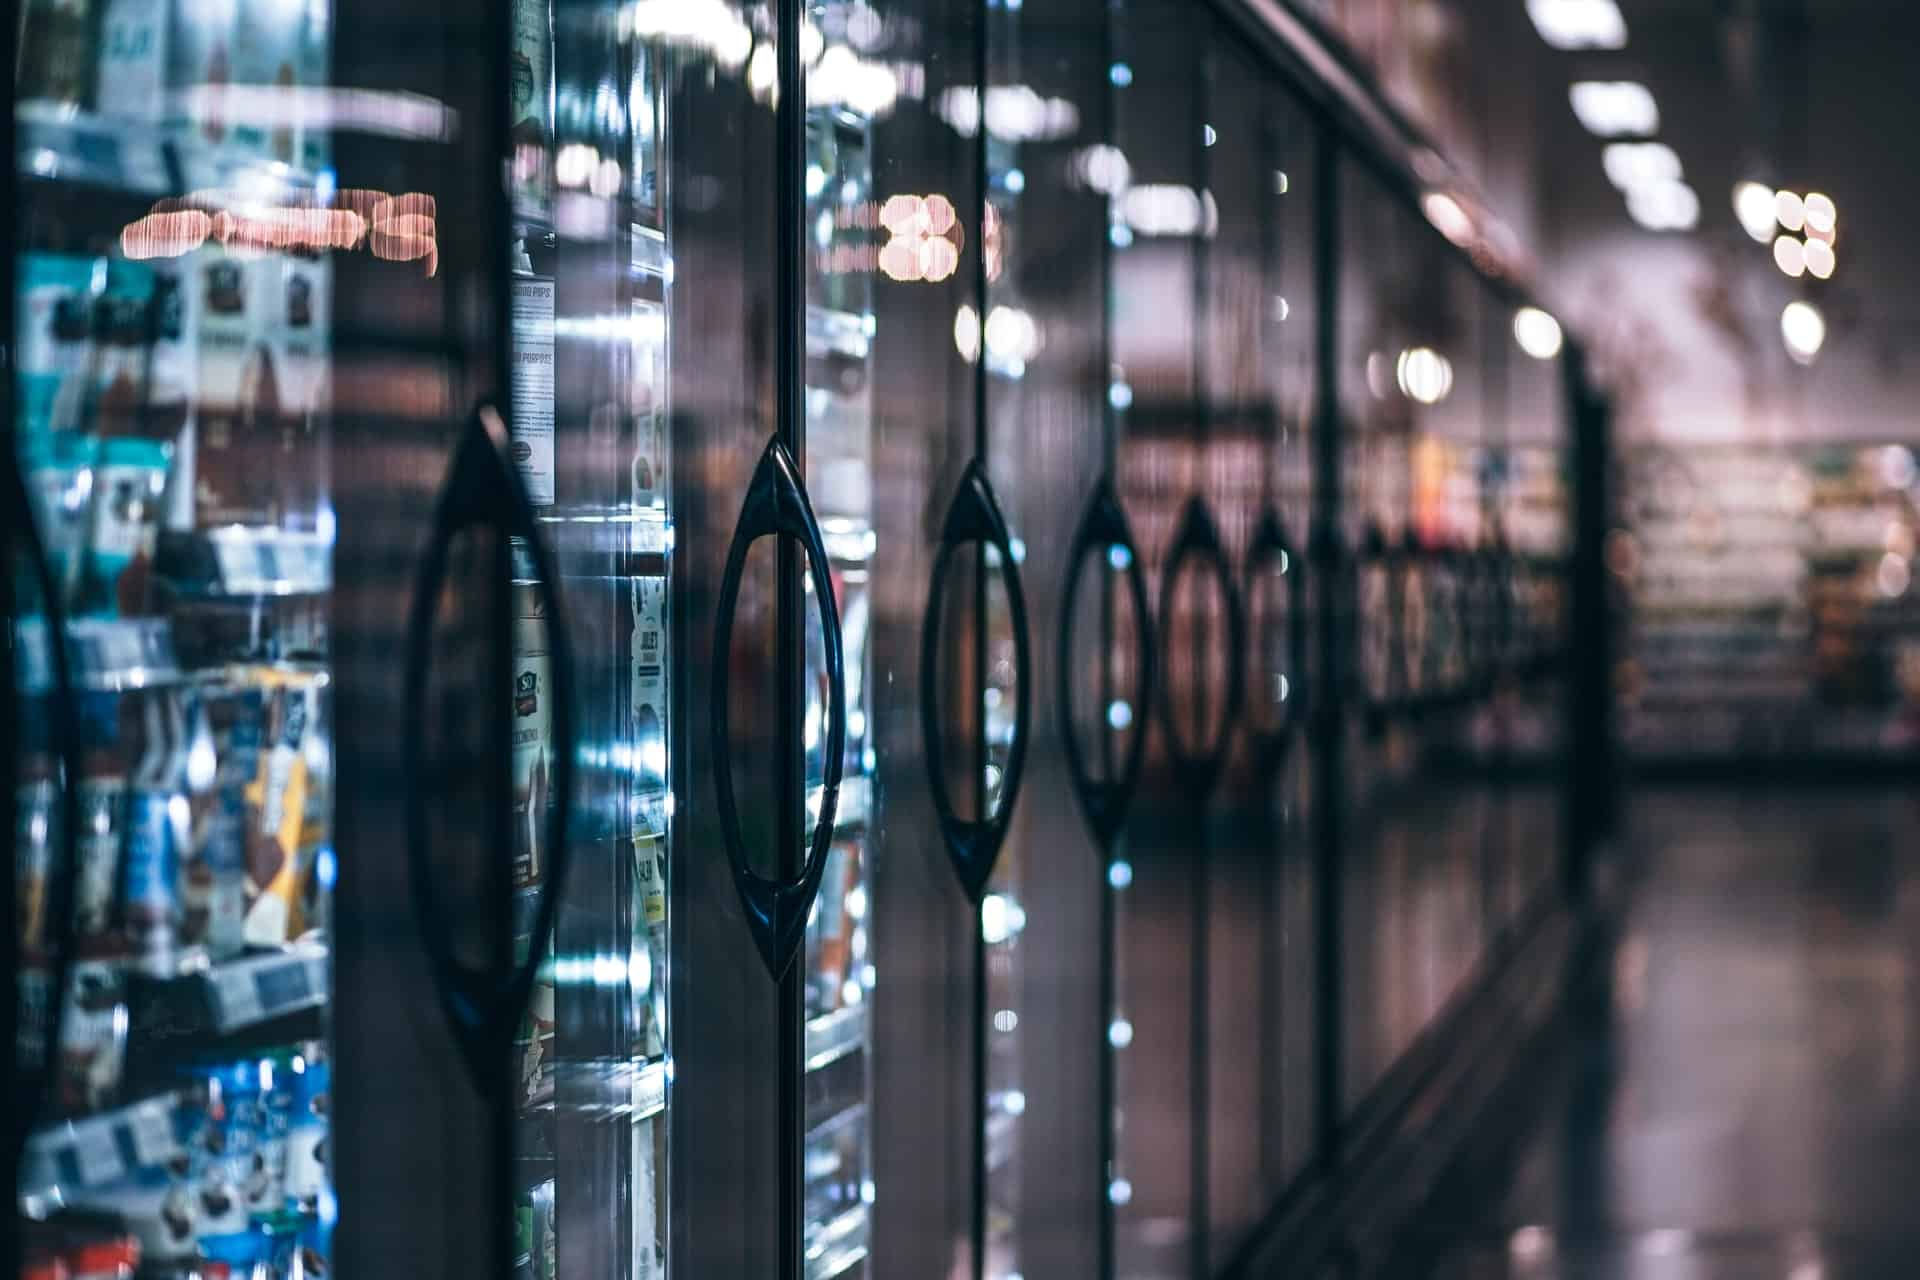 Imagem de uma sequência de freezers verticais, em local que se assemelha com um supermercado, com vários produtos dentro.